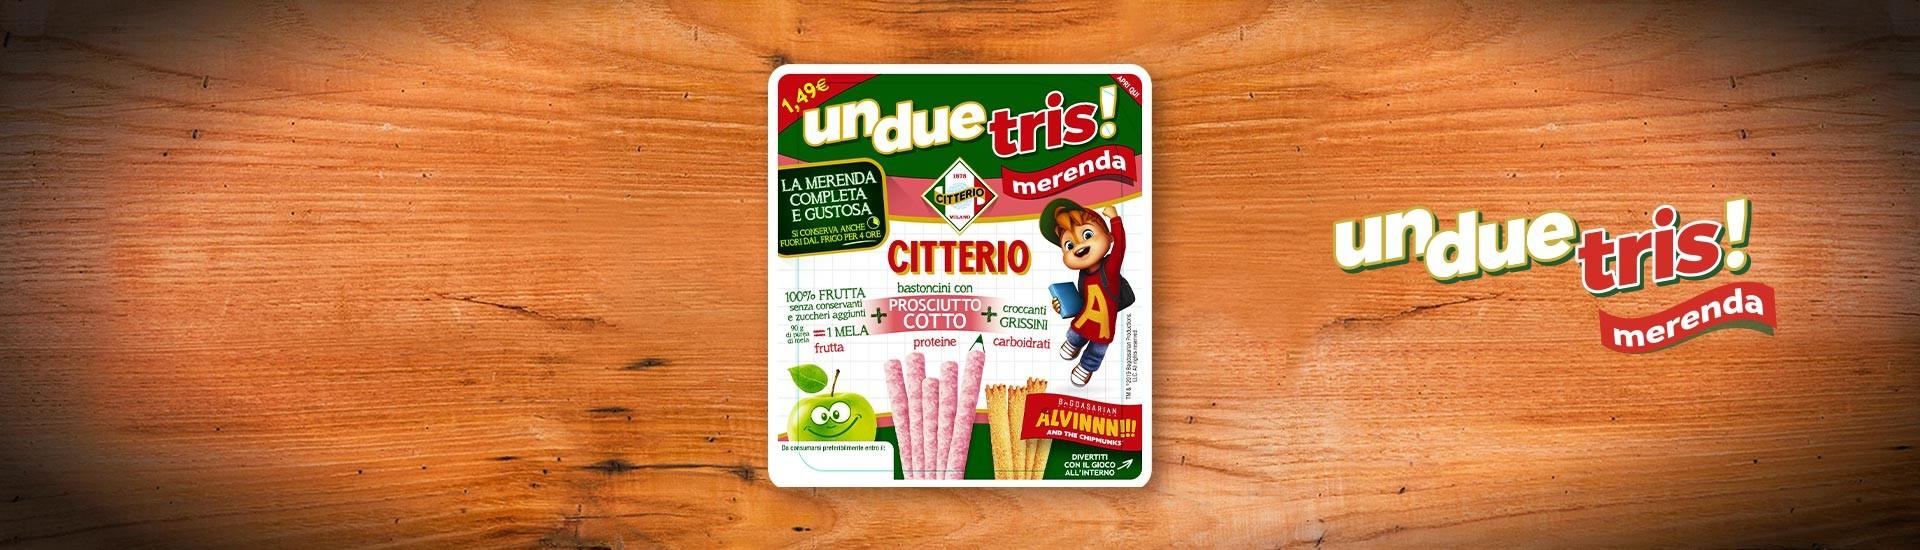 citterio-cover-unduetris-prodotto-cotto.jpg